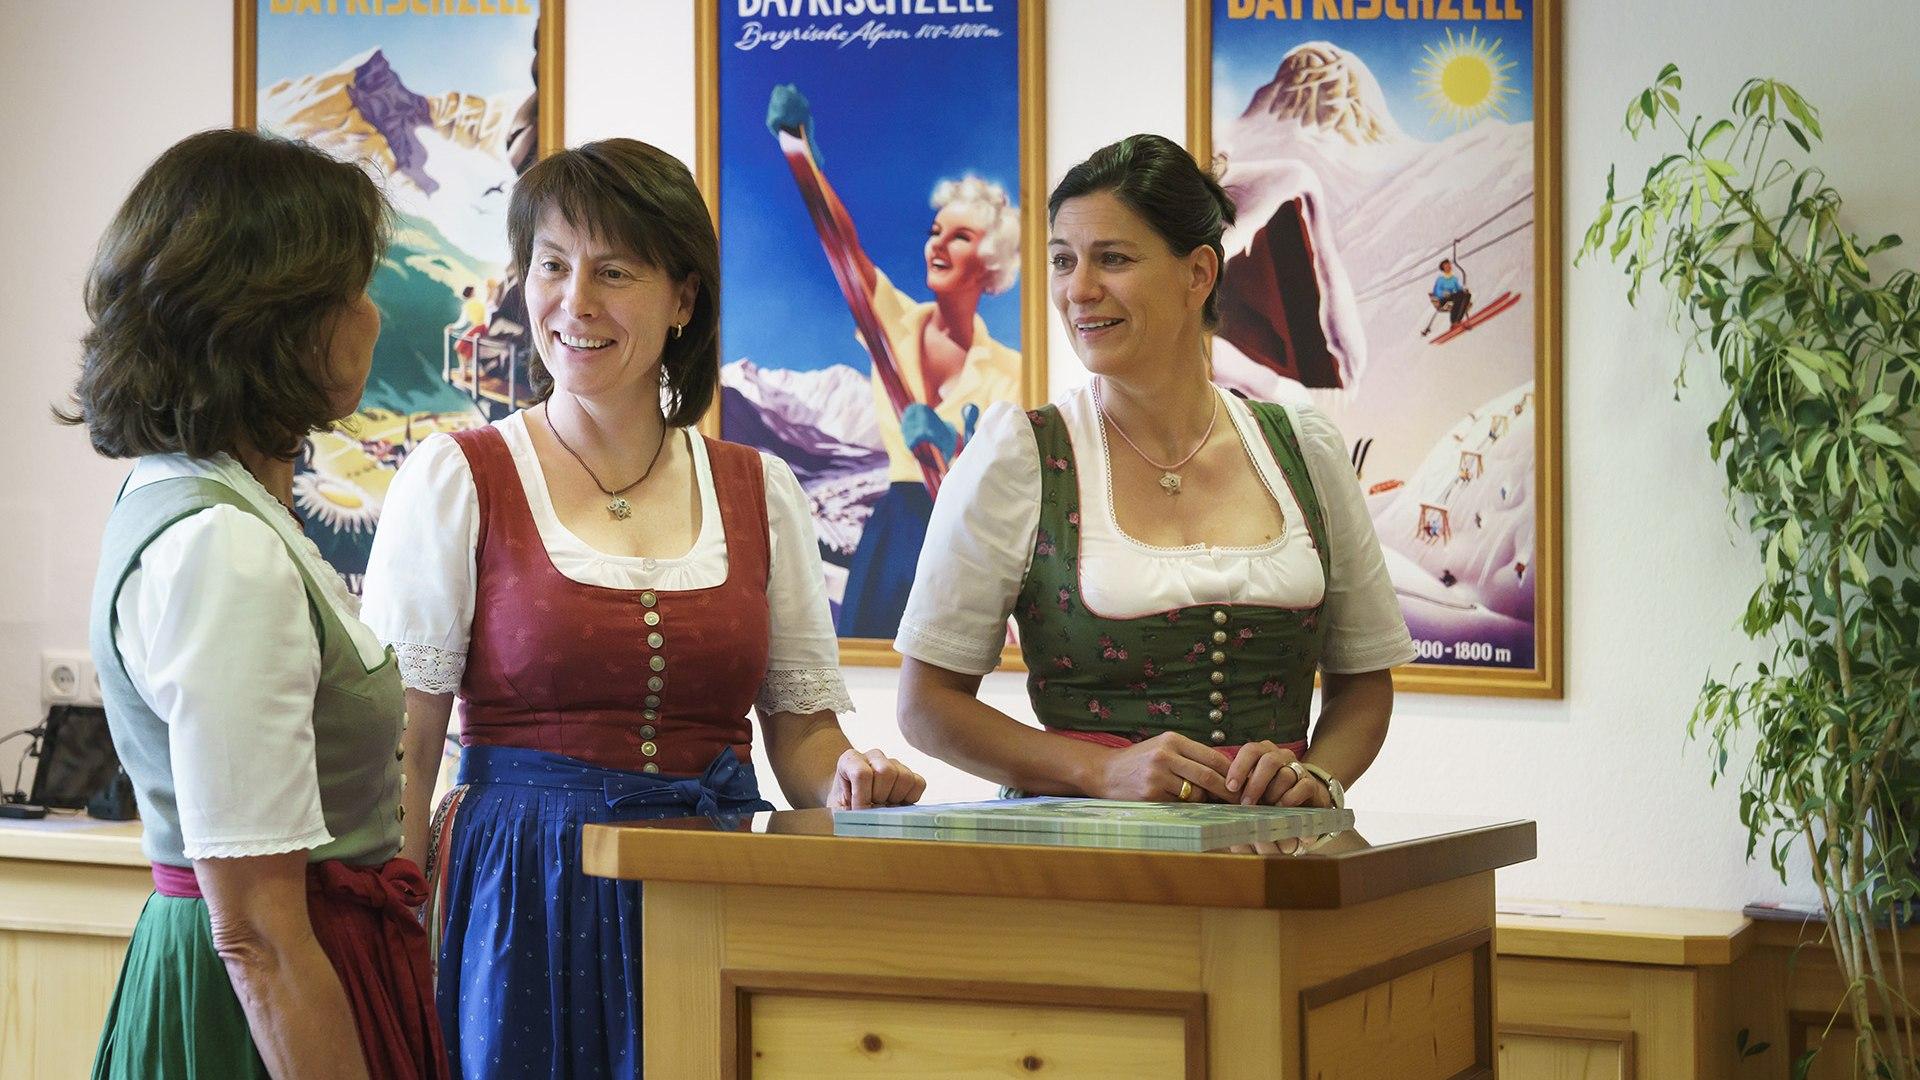 Team der Tourist Info Bayrischzell, © Dietmar Denger